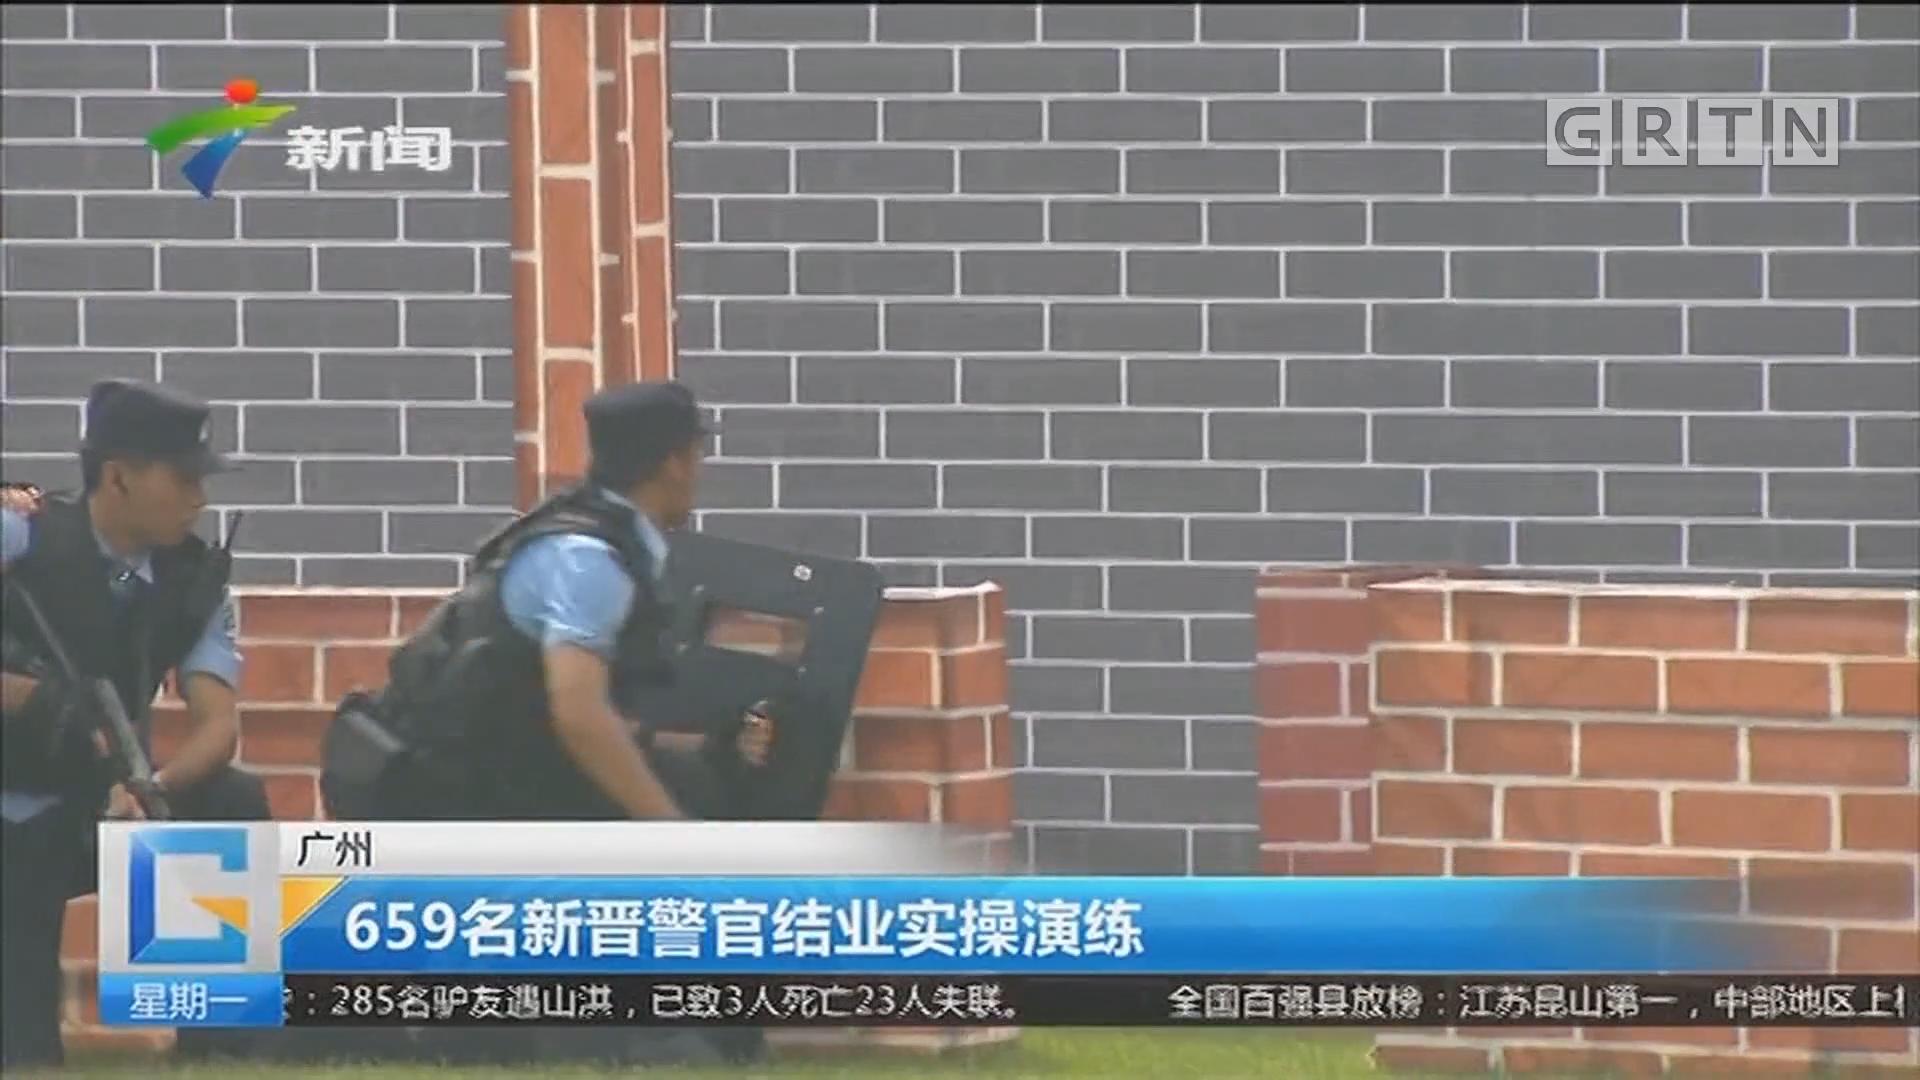 广州:659名新晋警官结业实操演练